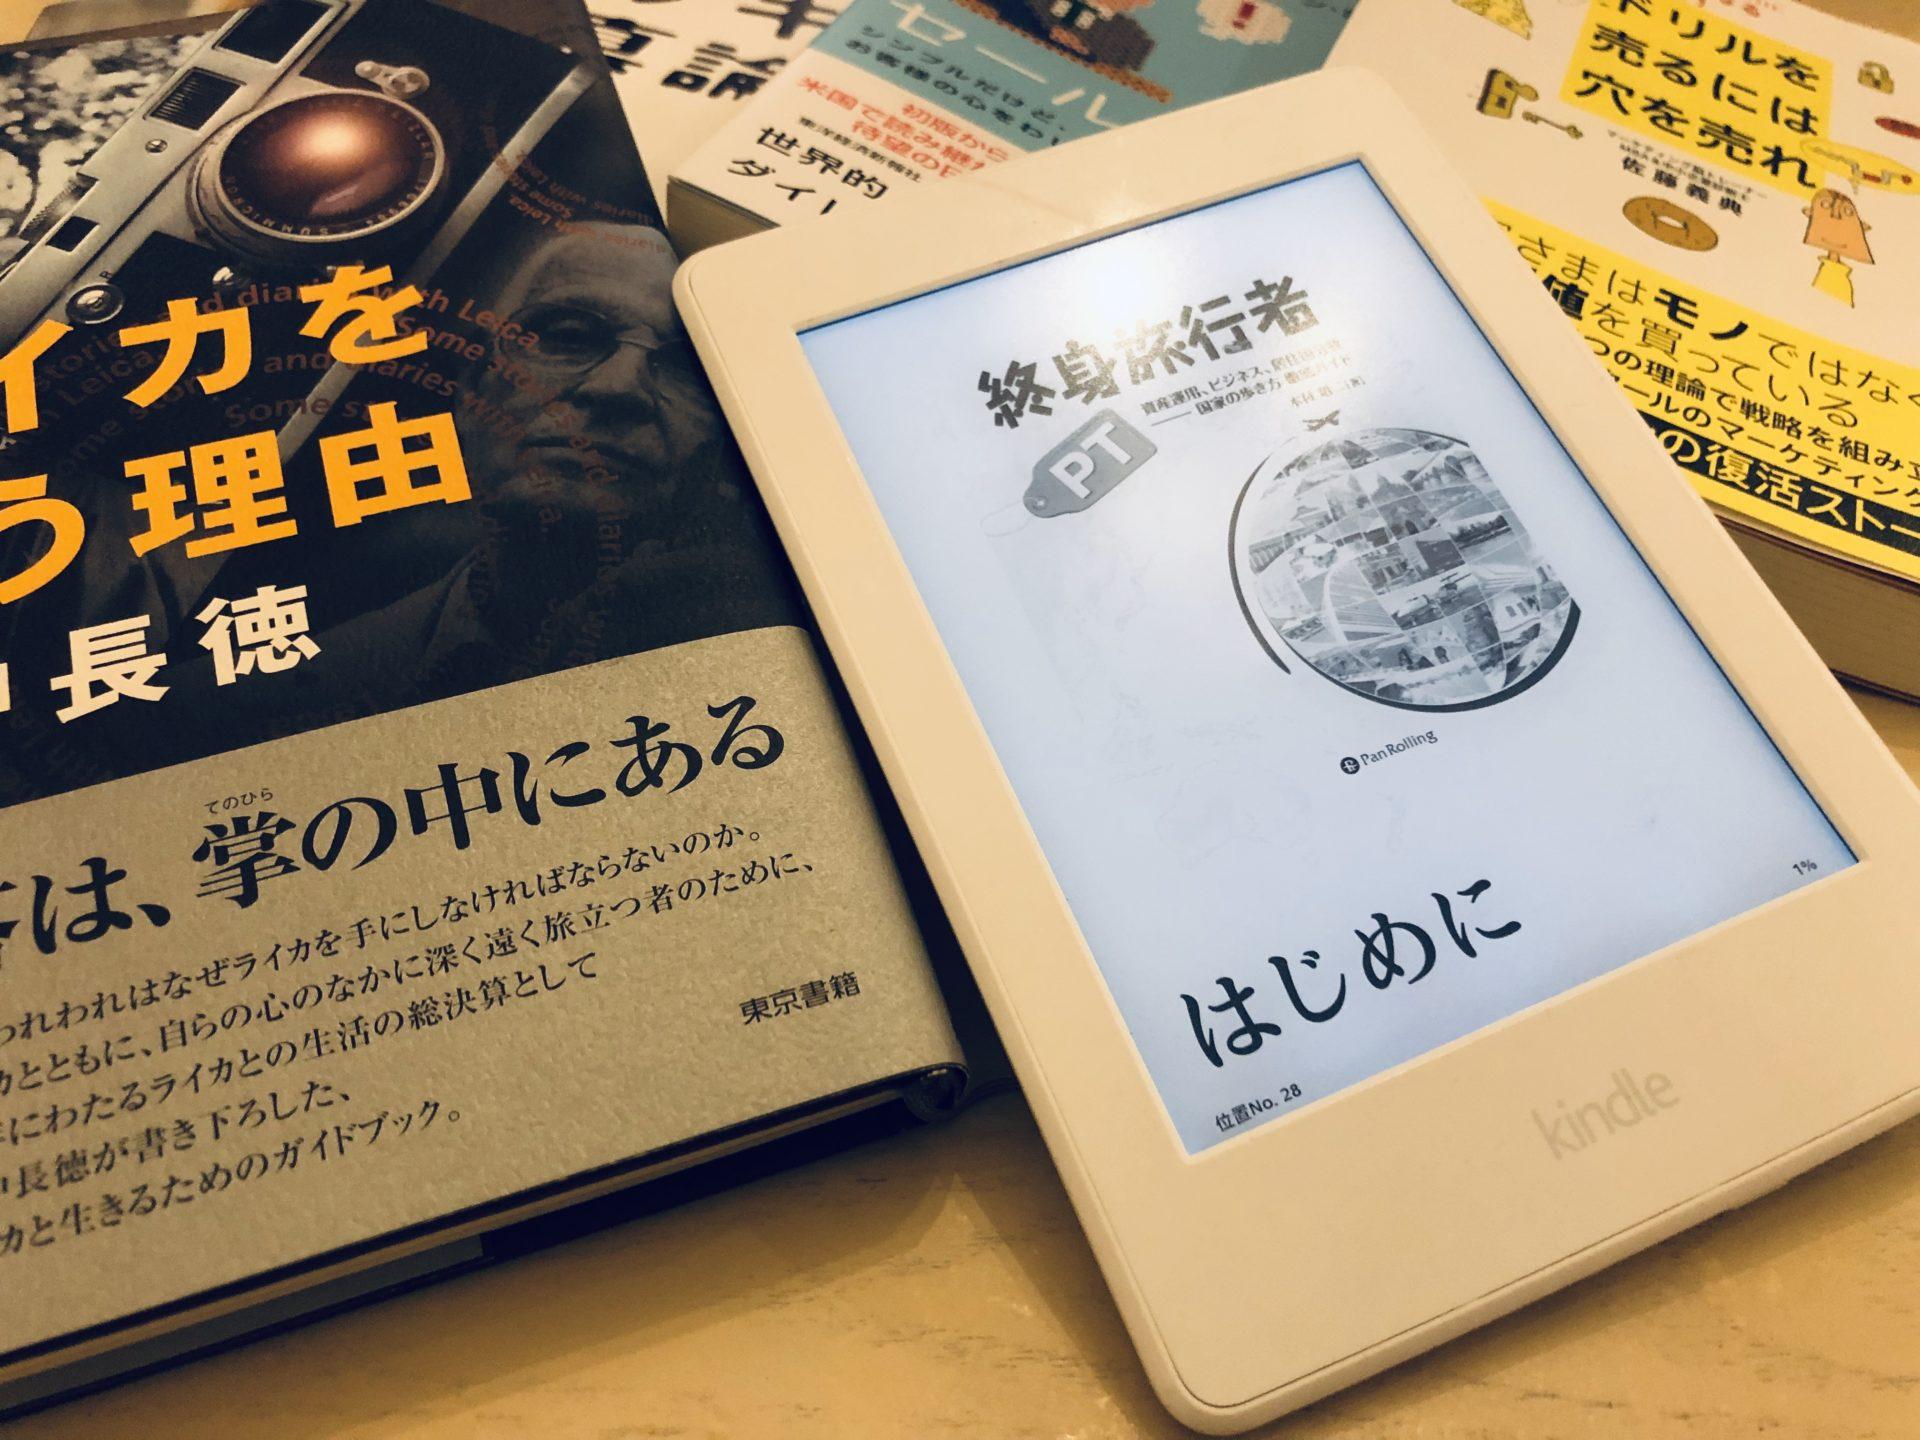 これまで2回も解約した「Kindle Unlimited」を速読スキルで何倍も活用できるようになった話